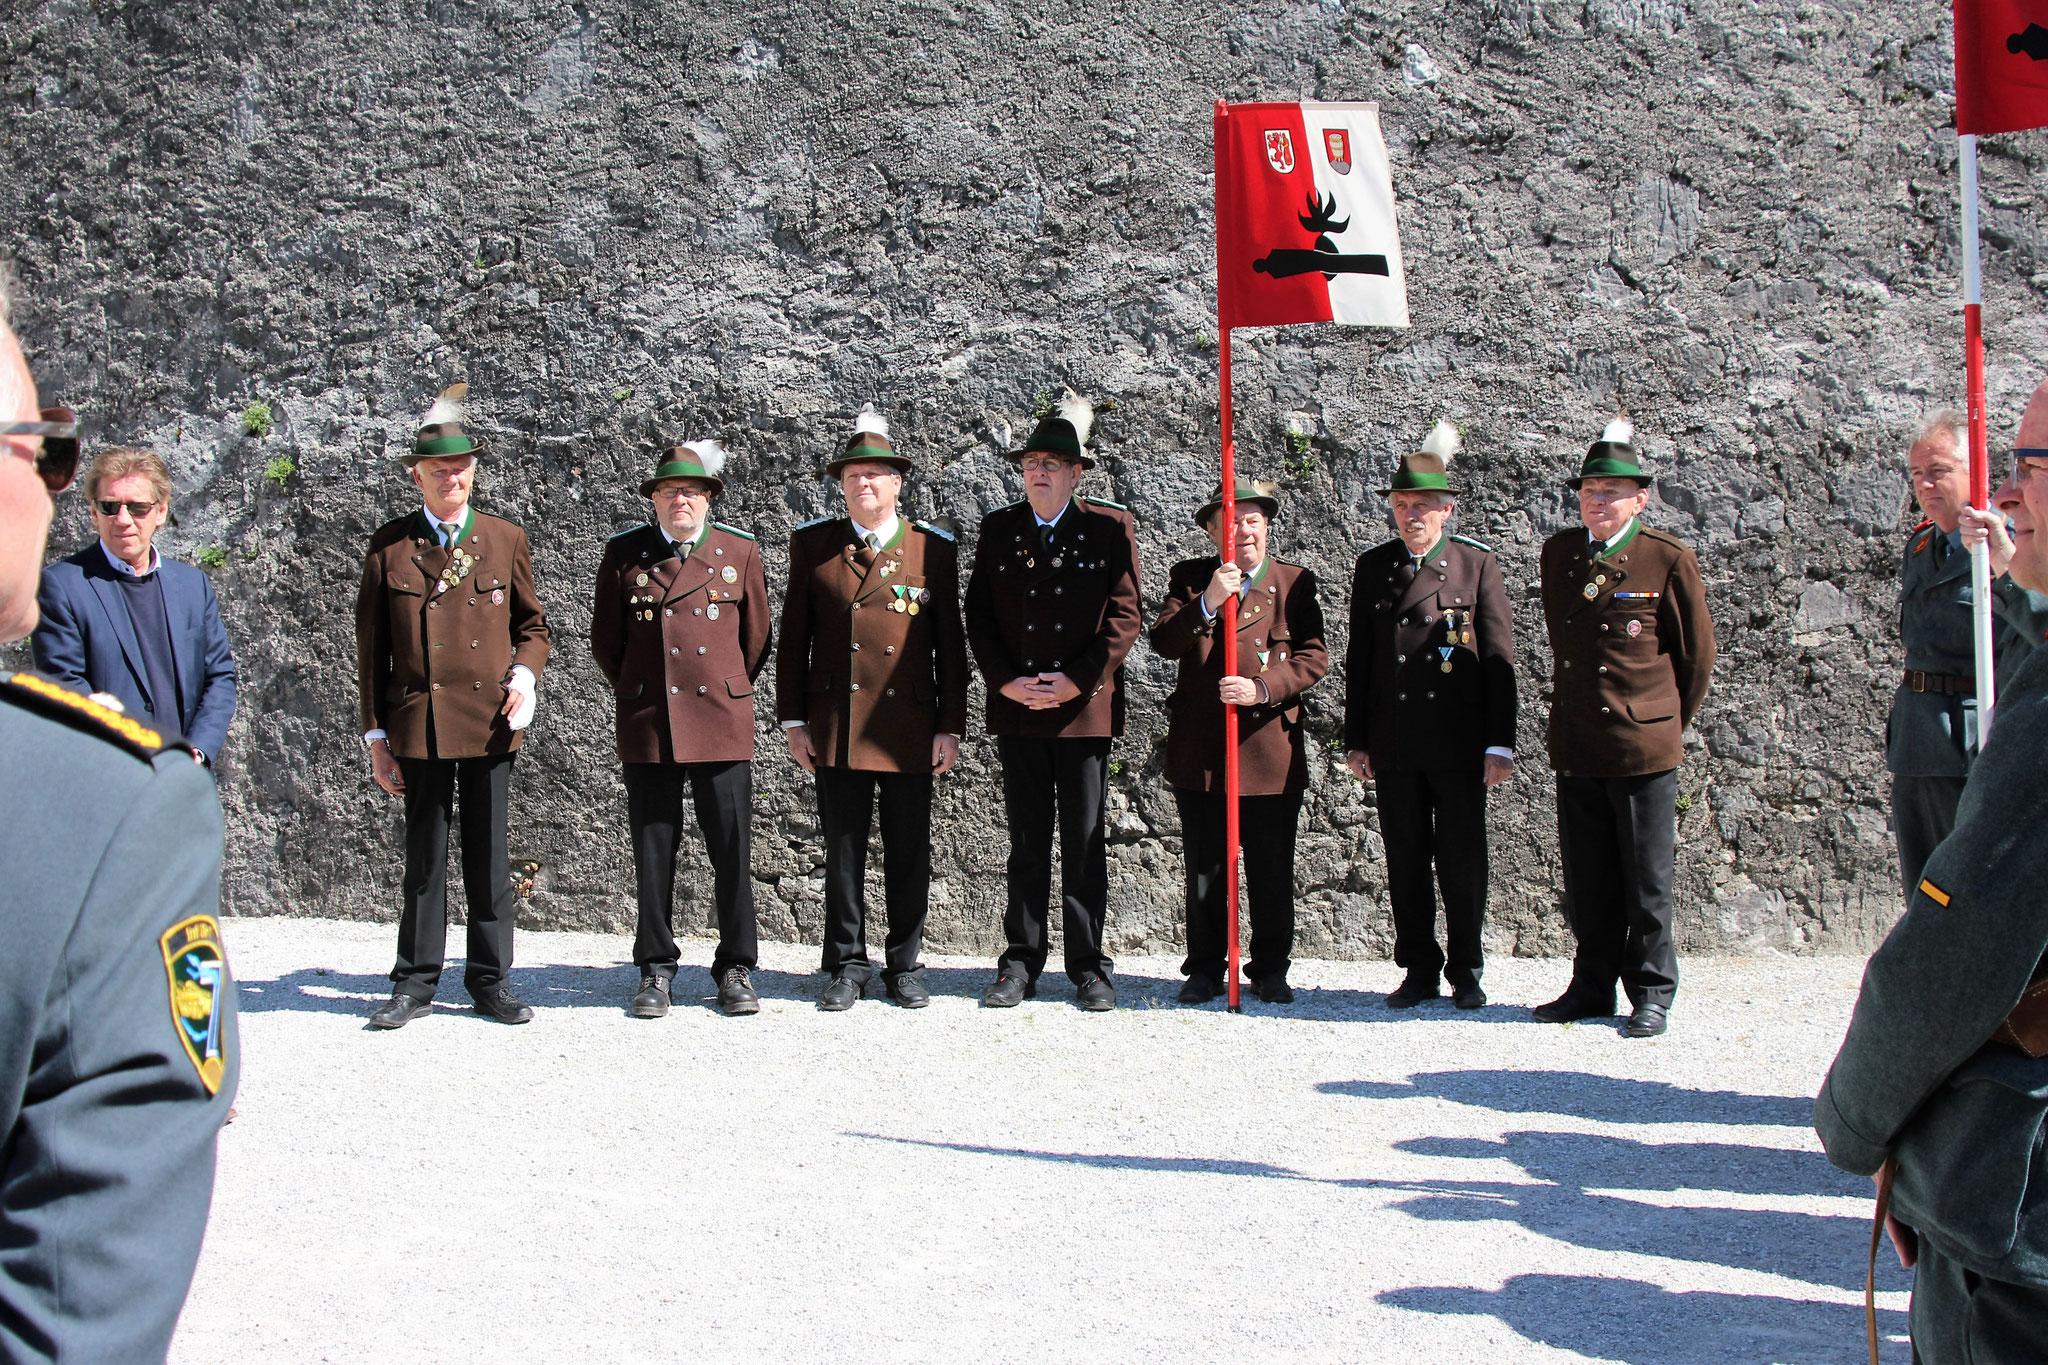 Die Kufsteiner Mannschaft wartet auf den Einsatz Inspektion in Kufstein